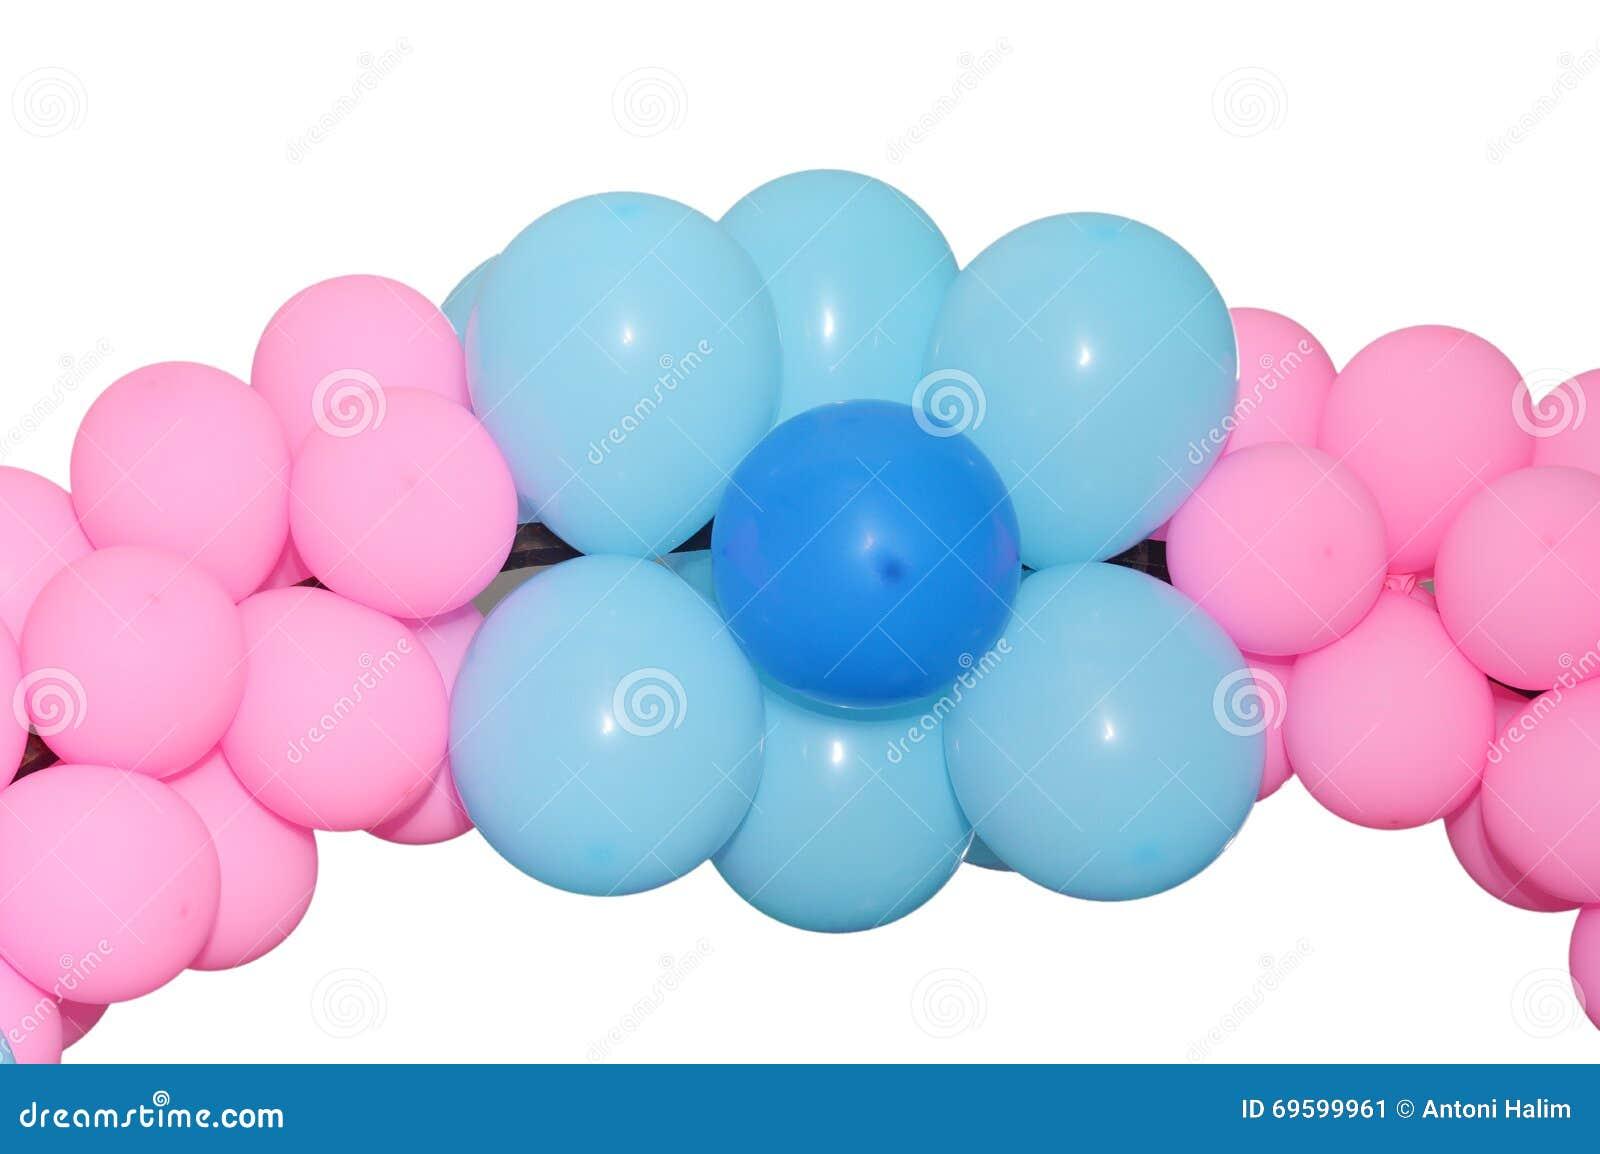 Ungewöhnlich Ballon Rahmen Ideen - Benutzerdefinierte Bilderrahmen ...